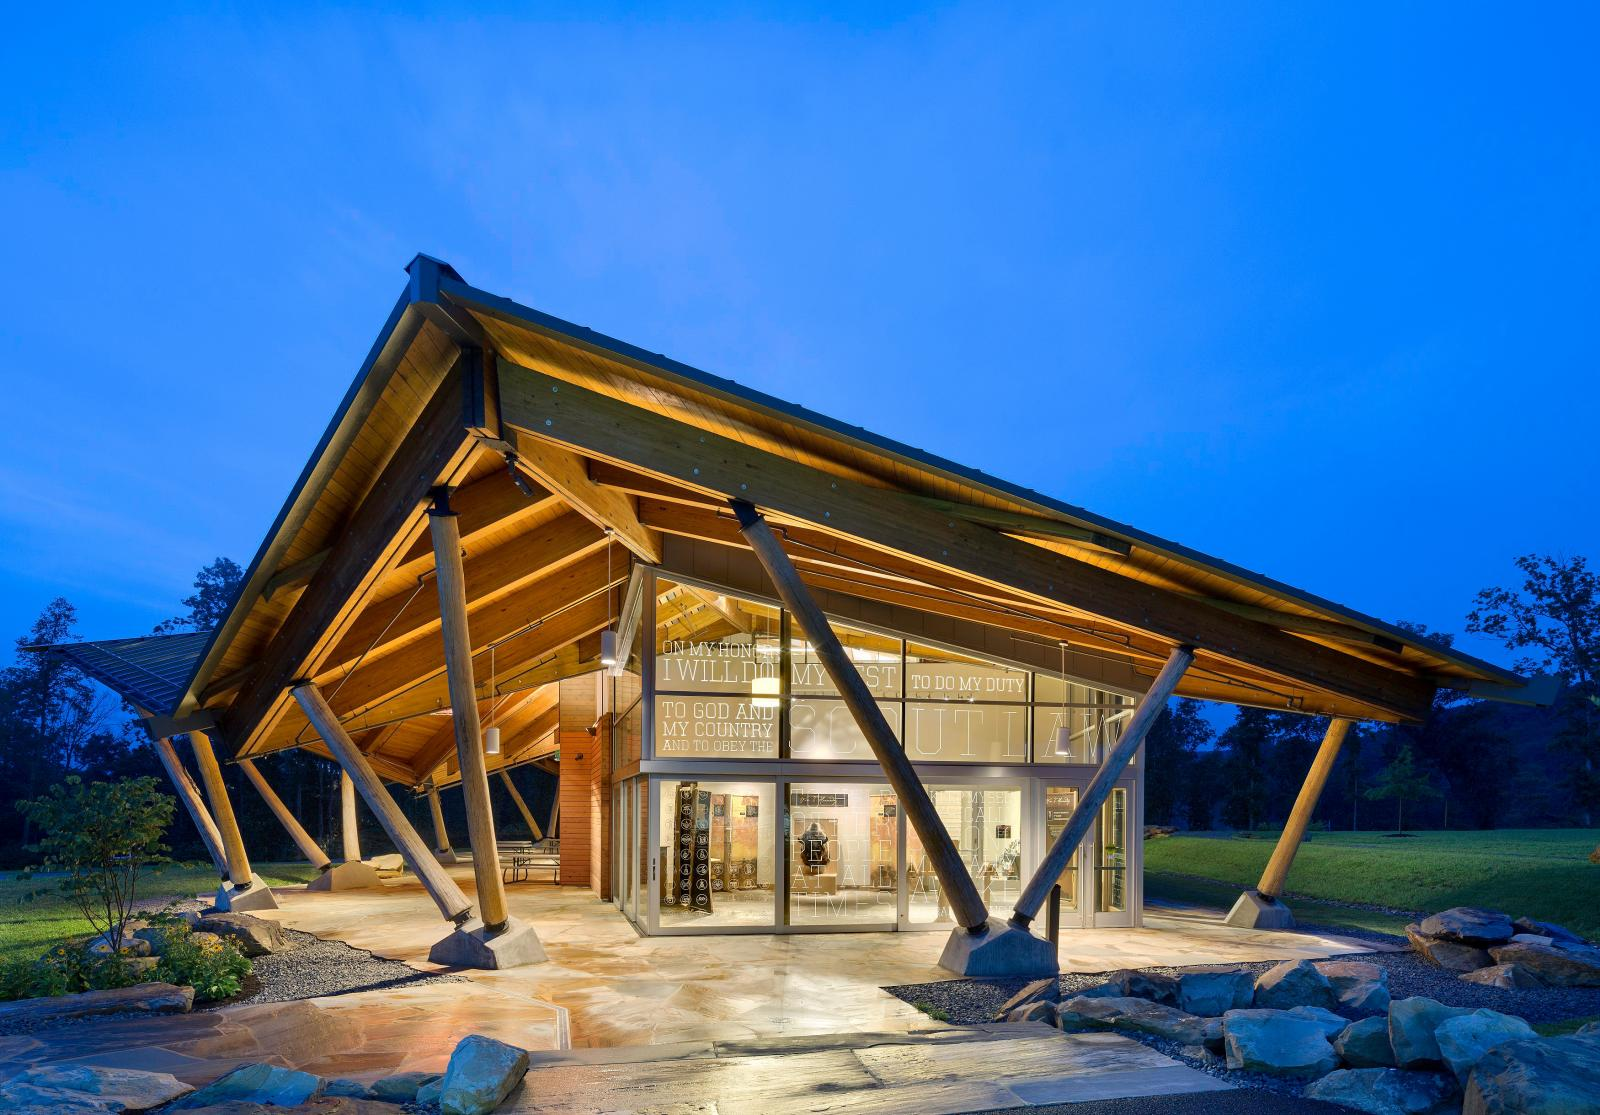 Scott Visitor Center Lake Flato